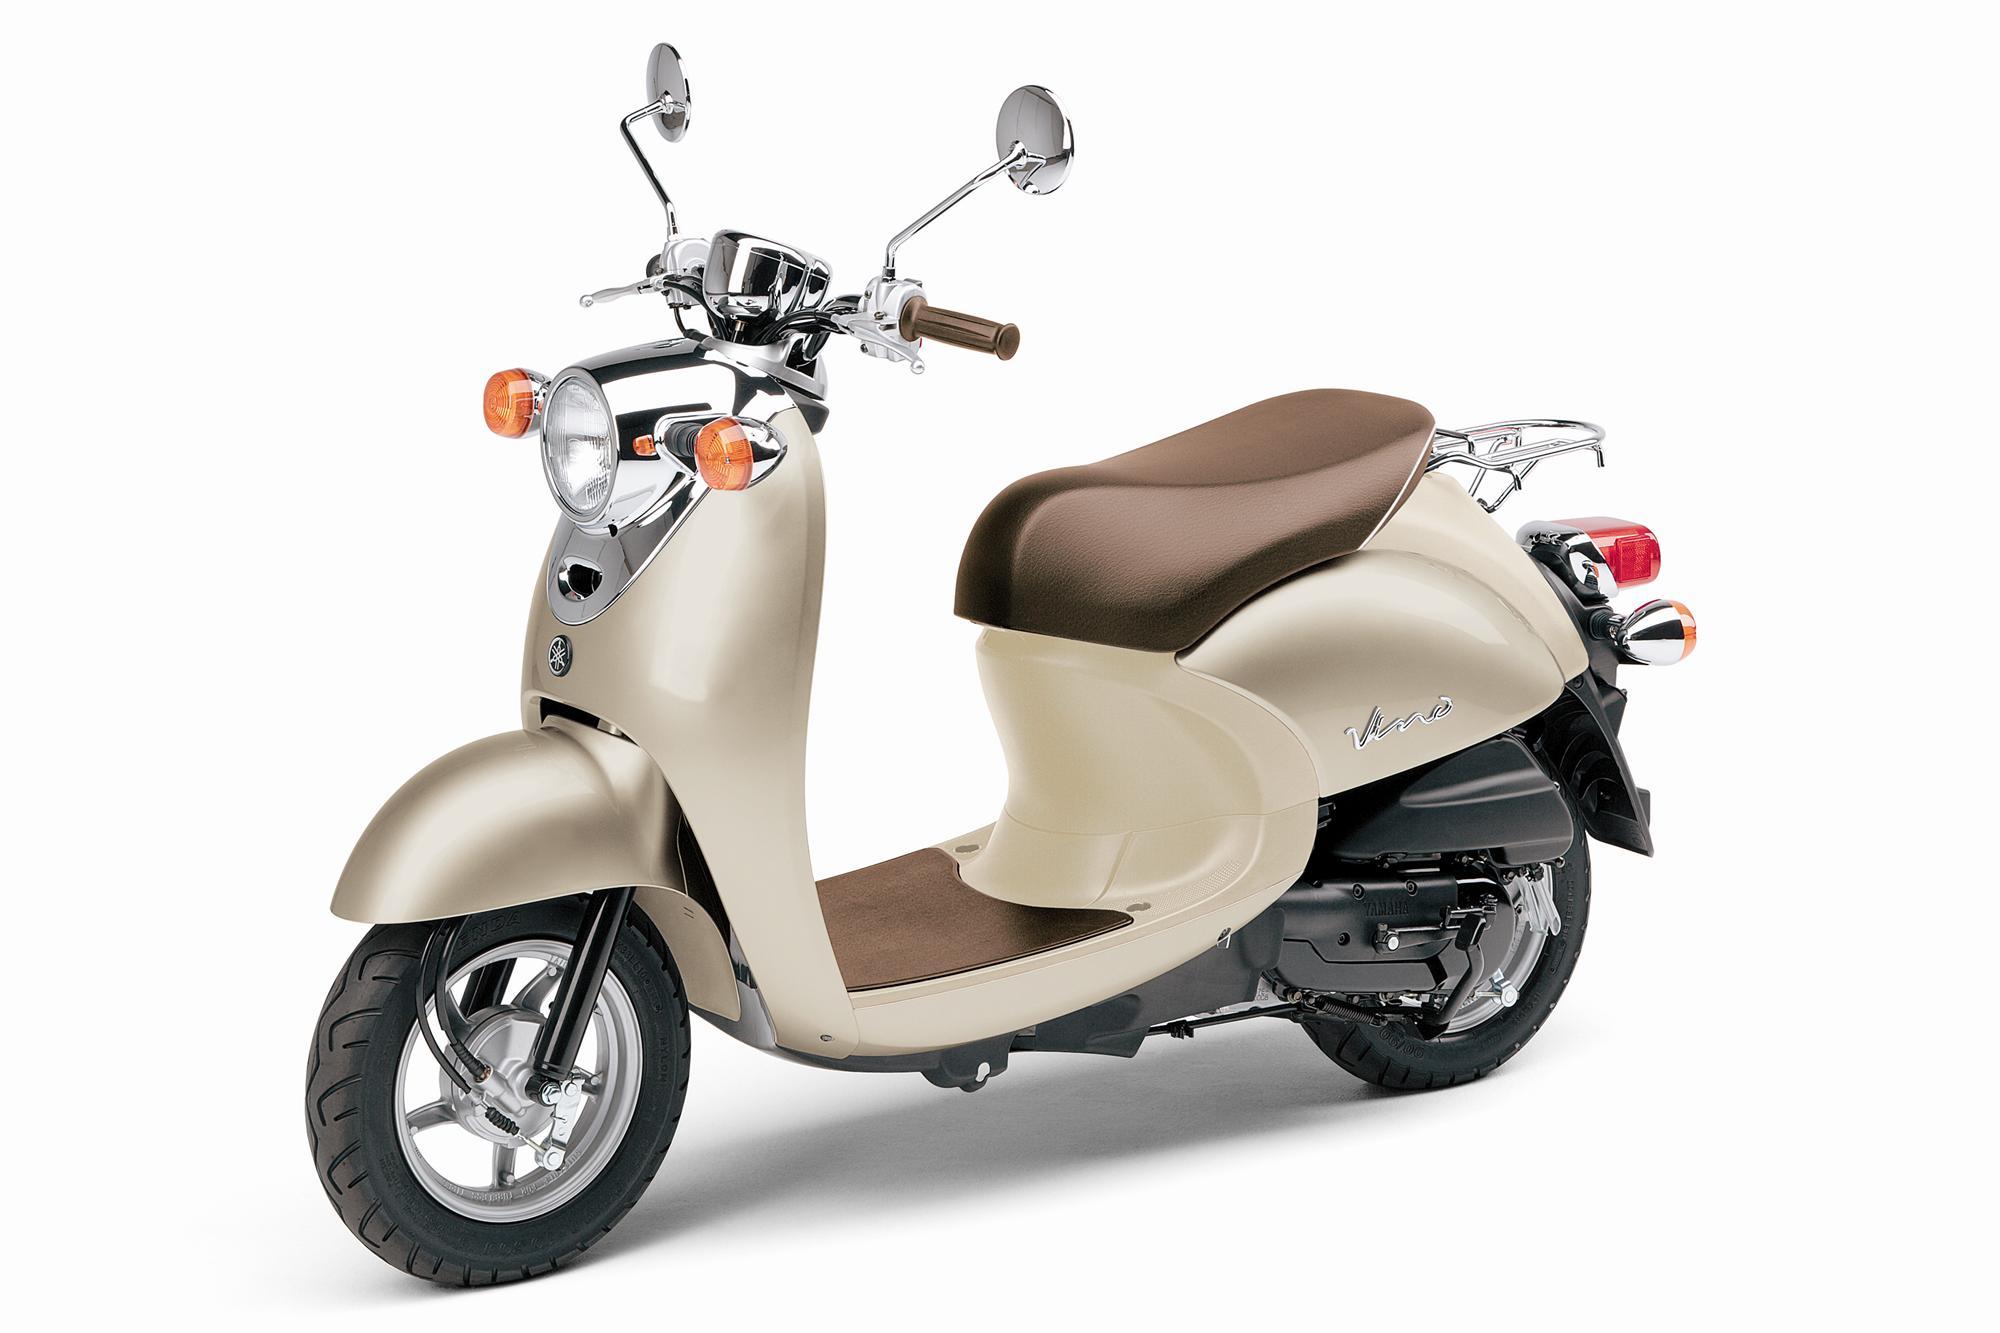 Yamaha Vino Classic